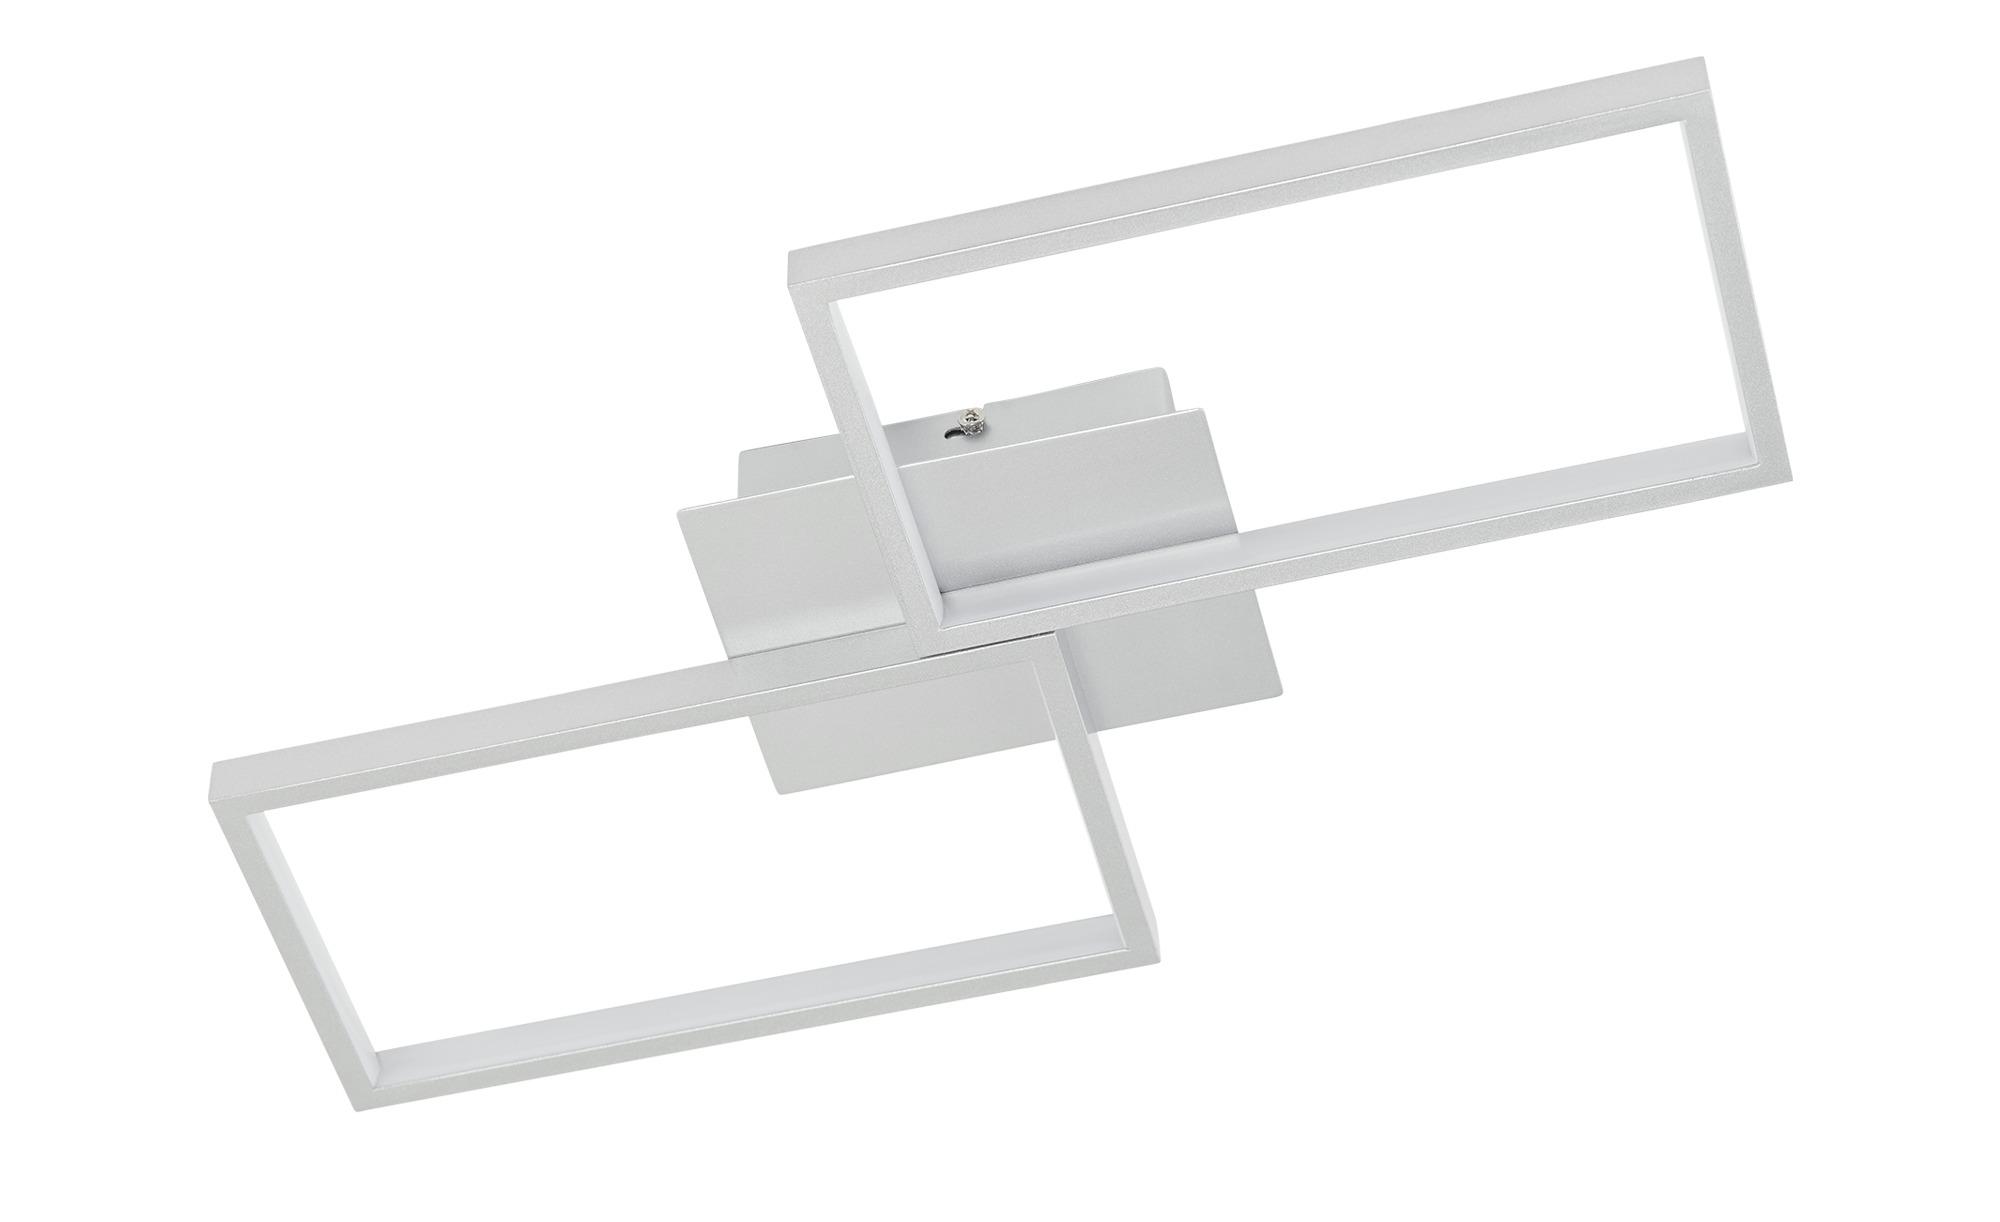 KHG LED-Deckenleuchte, 2-flammig, silberfarben ¦ silber ¦ Maße (cm): B: 28 H: 6 Lampen & Leuchten > Innenleuchten > Deckenleuchten - Höffner